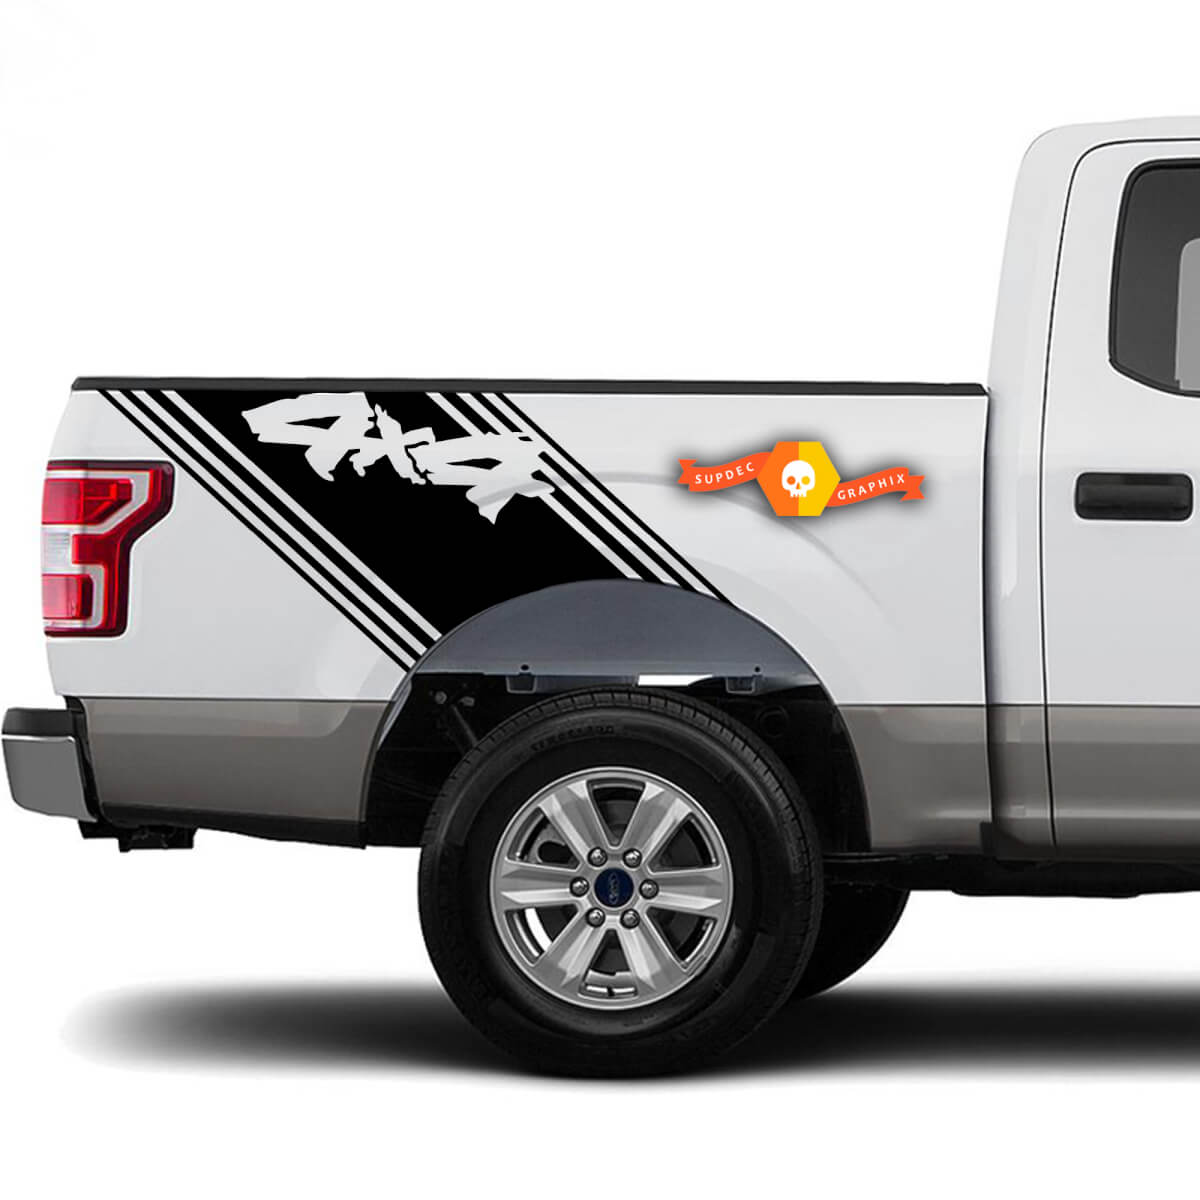 2 LKW-Ladefläche 4x4 verblassen Vinyl Aufkleber Grafik Aufkleber Streifen Ford GMC Toyota Dodge